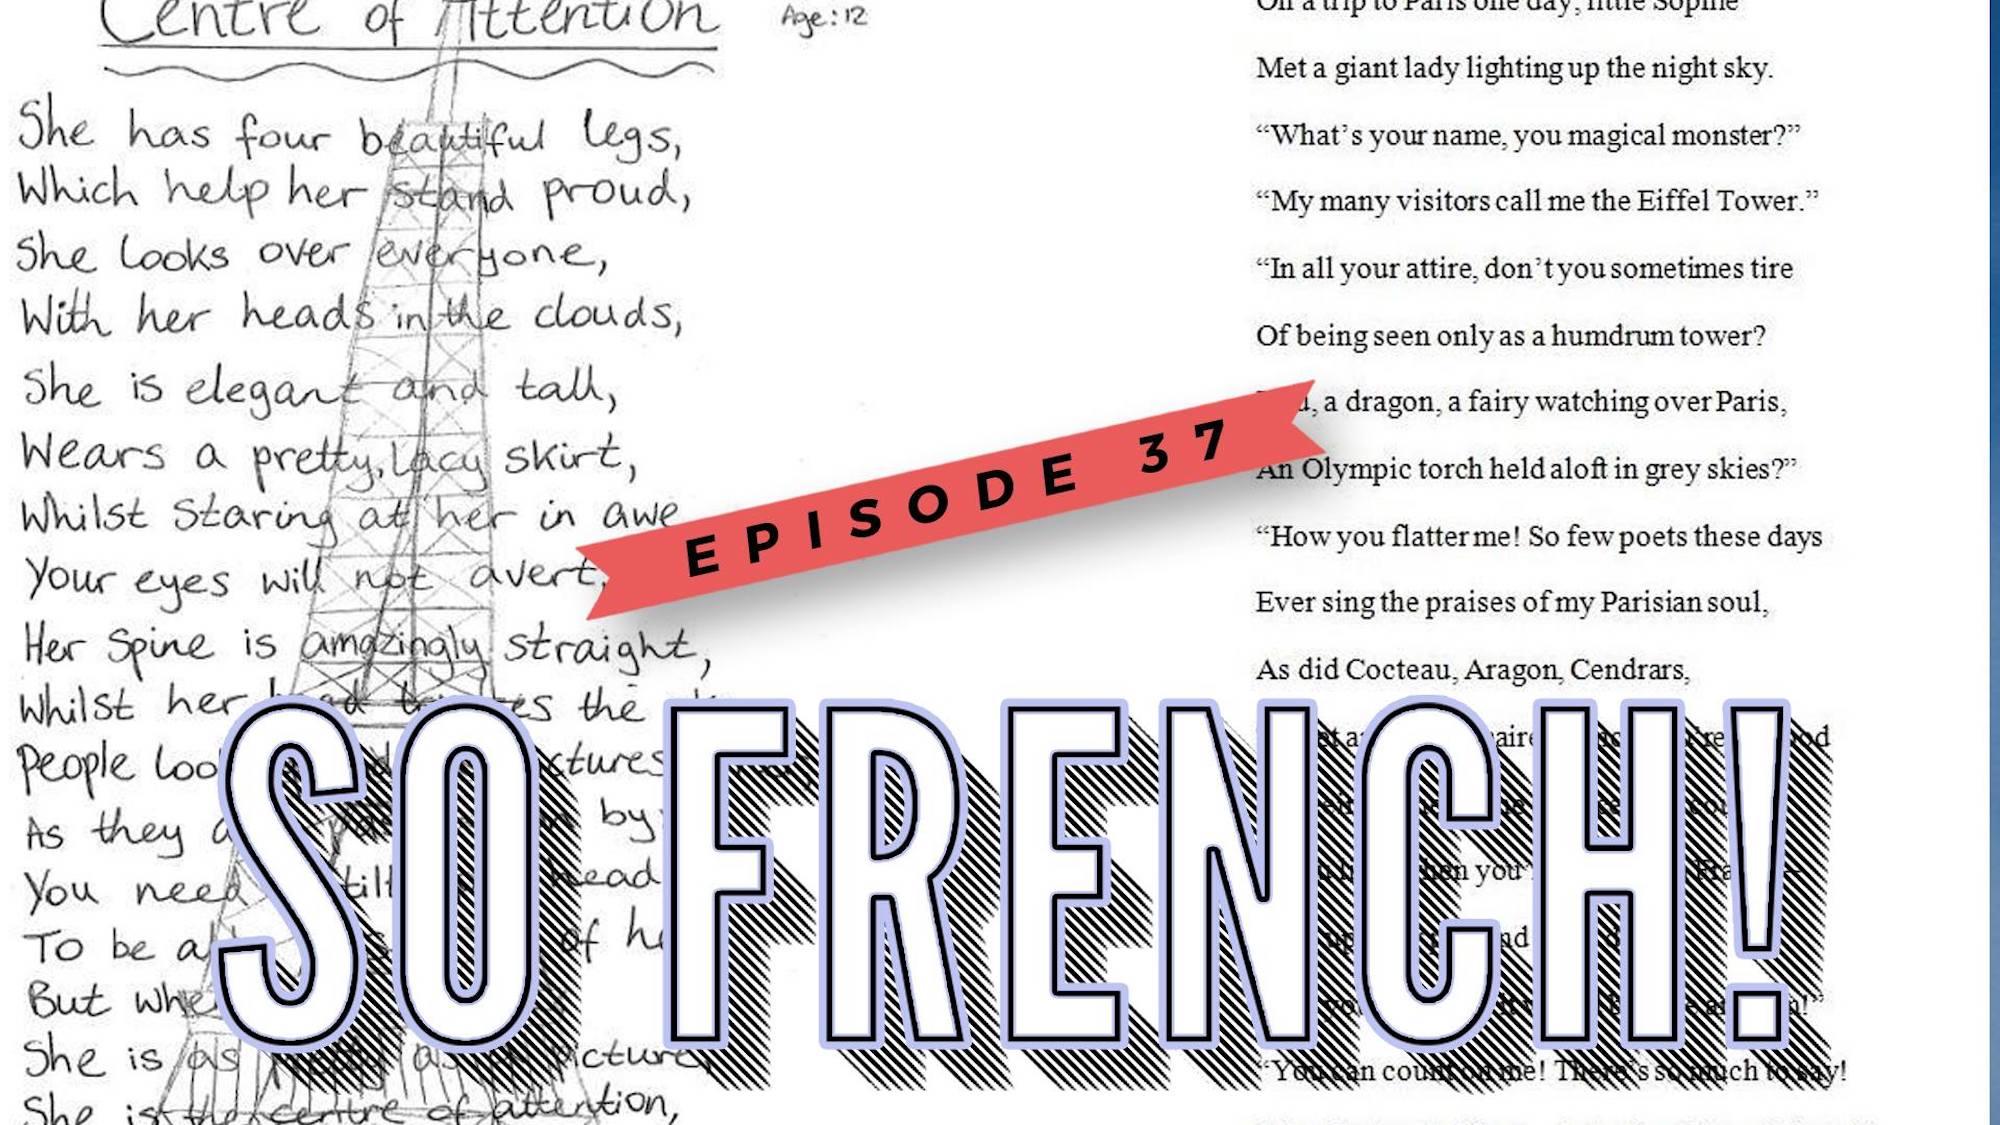 HiP Paris Blog rounds up the best Paris podcasts